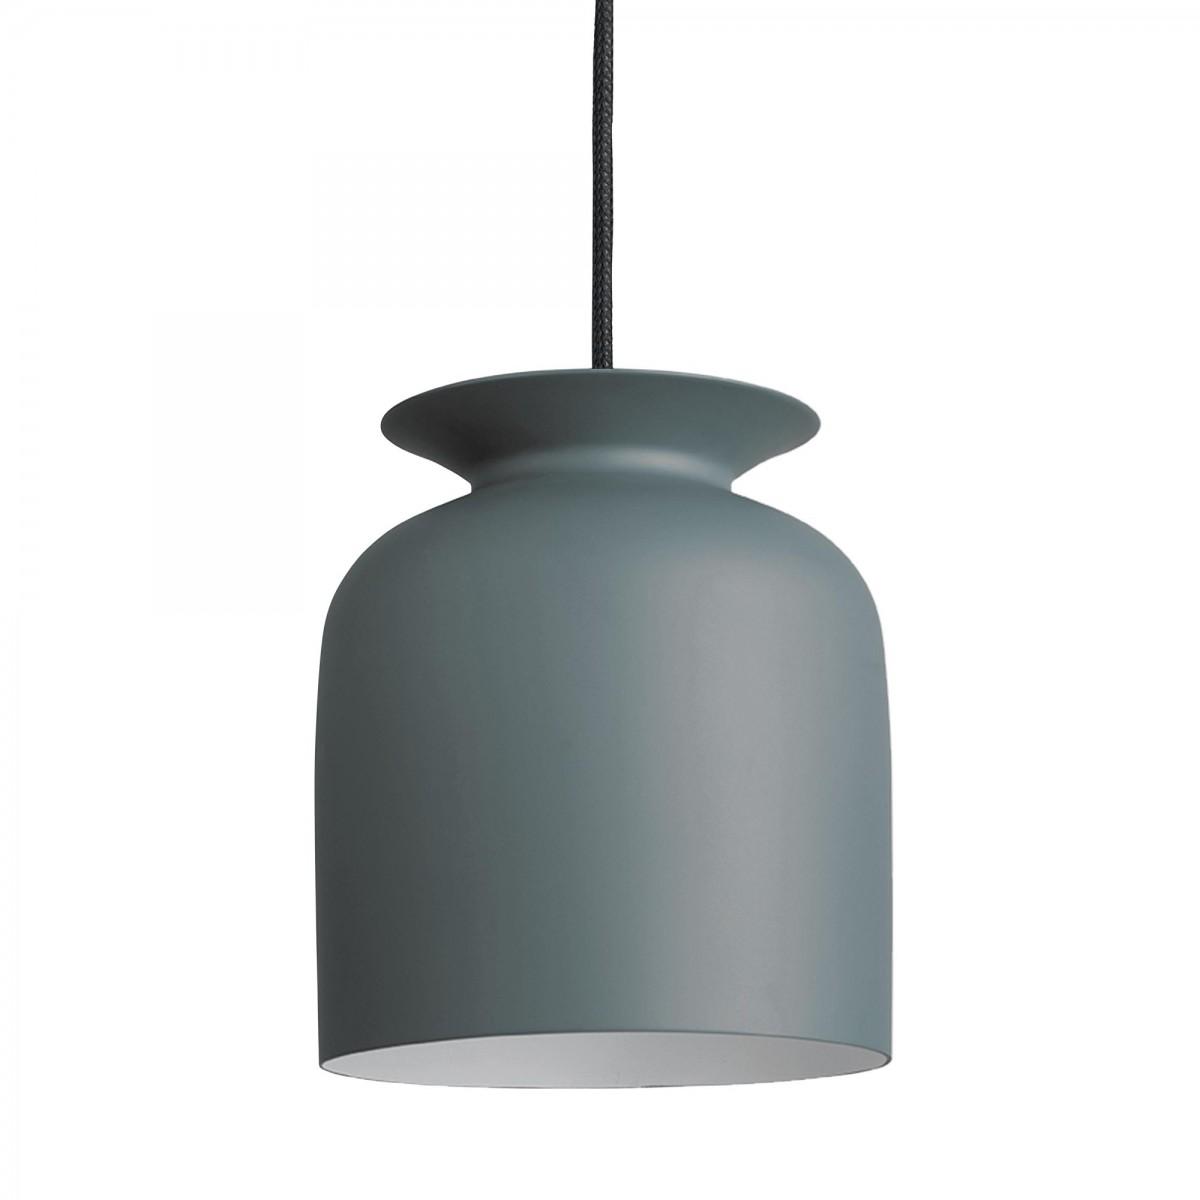 suspension ronde s gris gubi. Black Bedroom Furniture Sets. Home Design Ideas